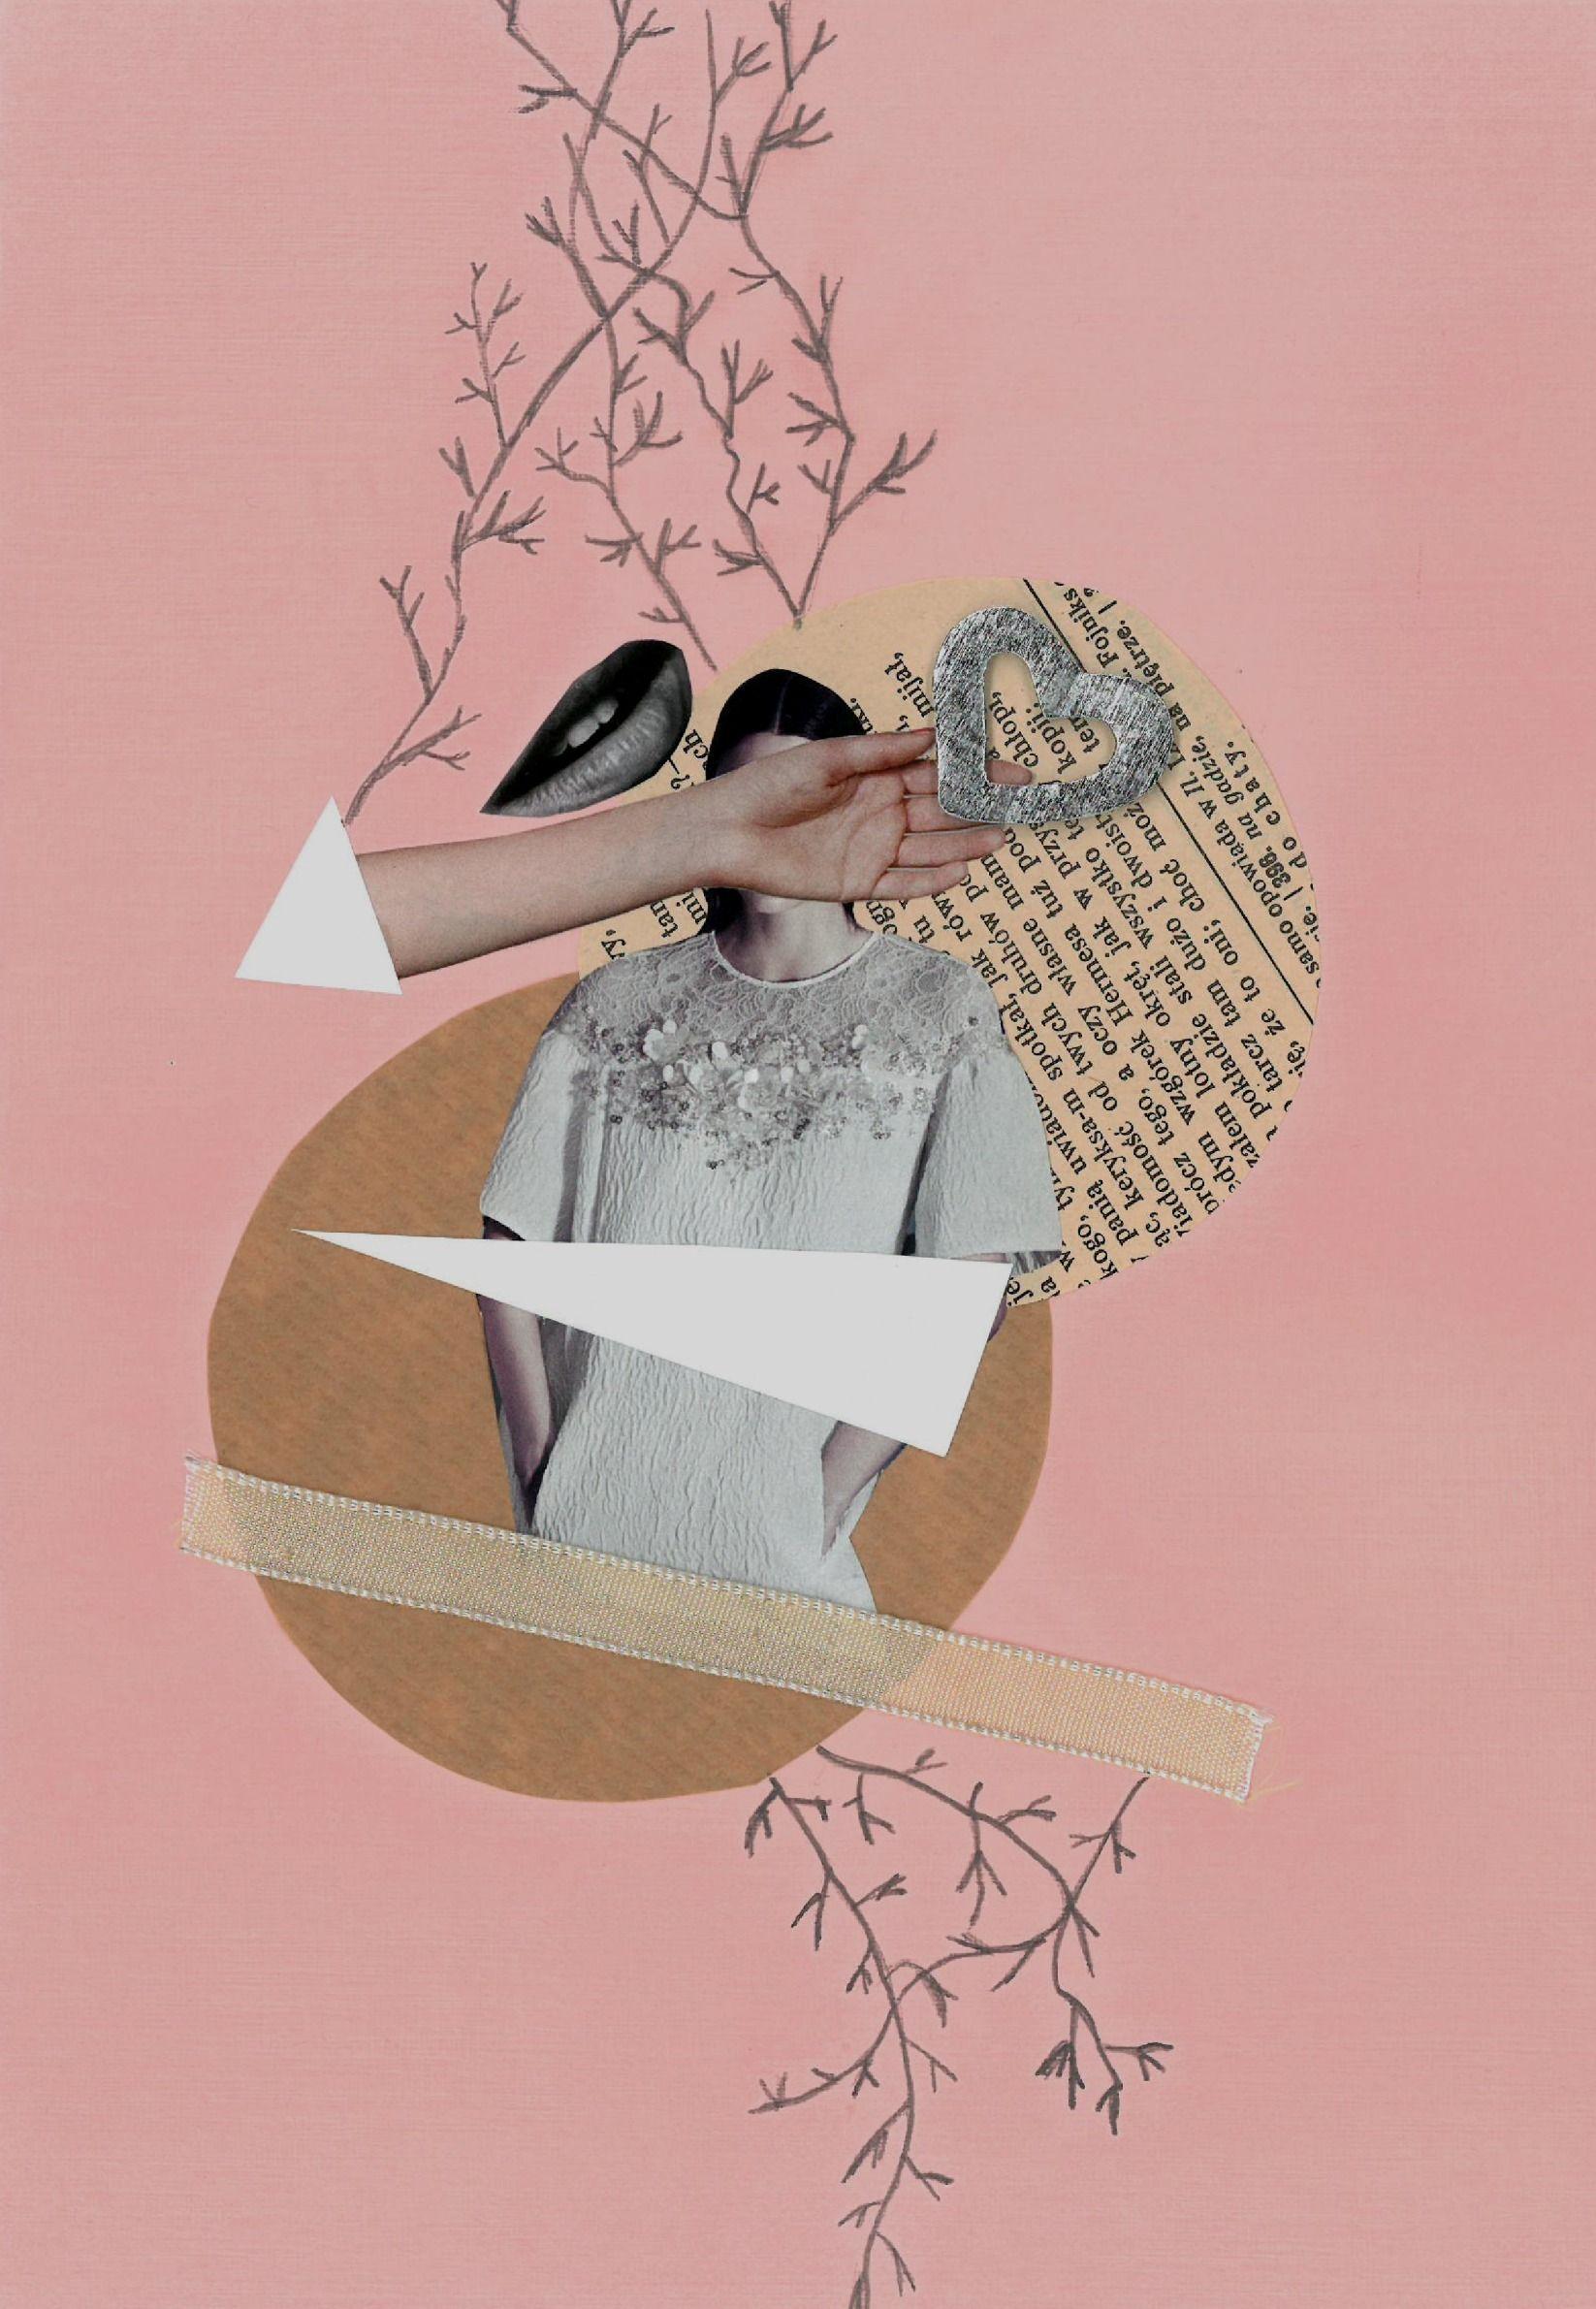 Collage Kolaz Art Sztuka Kolaz Sztuka Kolaze